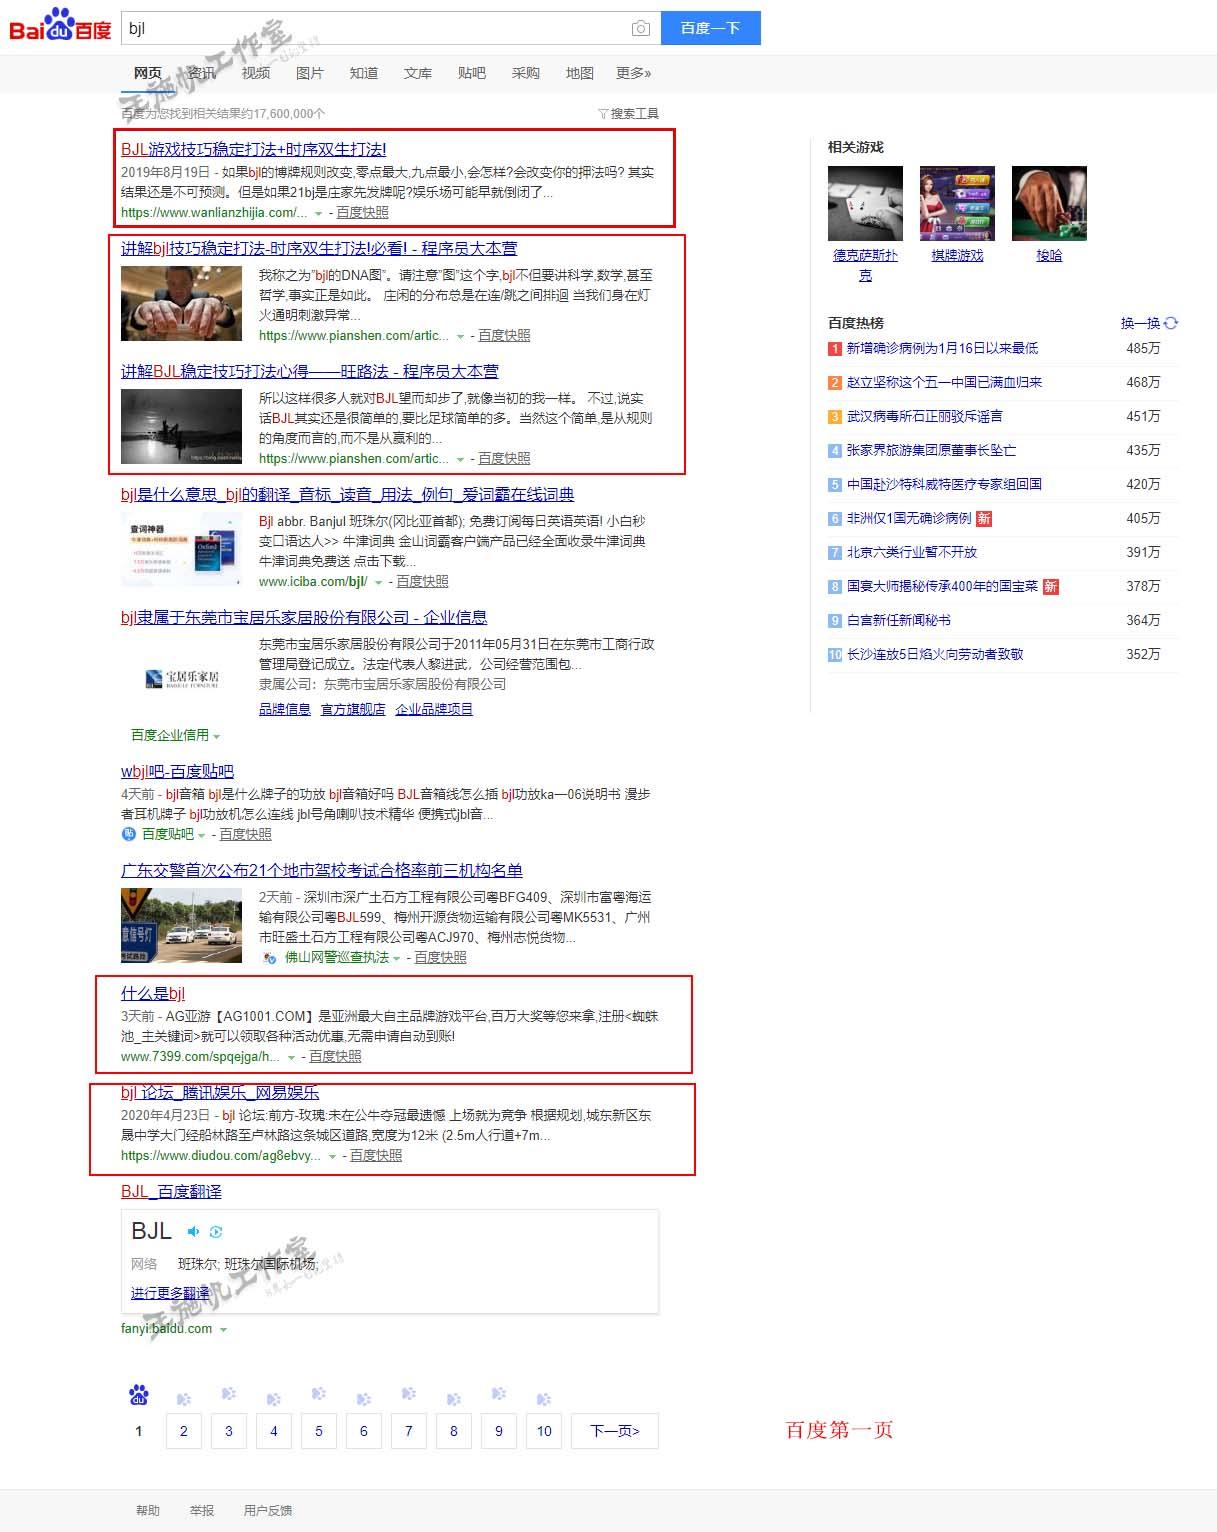 bjl_百度搜索第一页.jpg